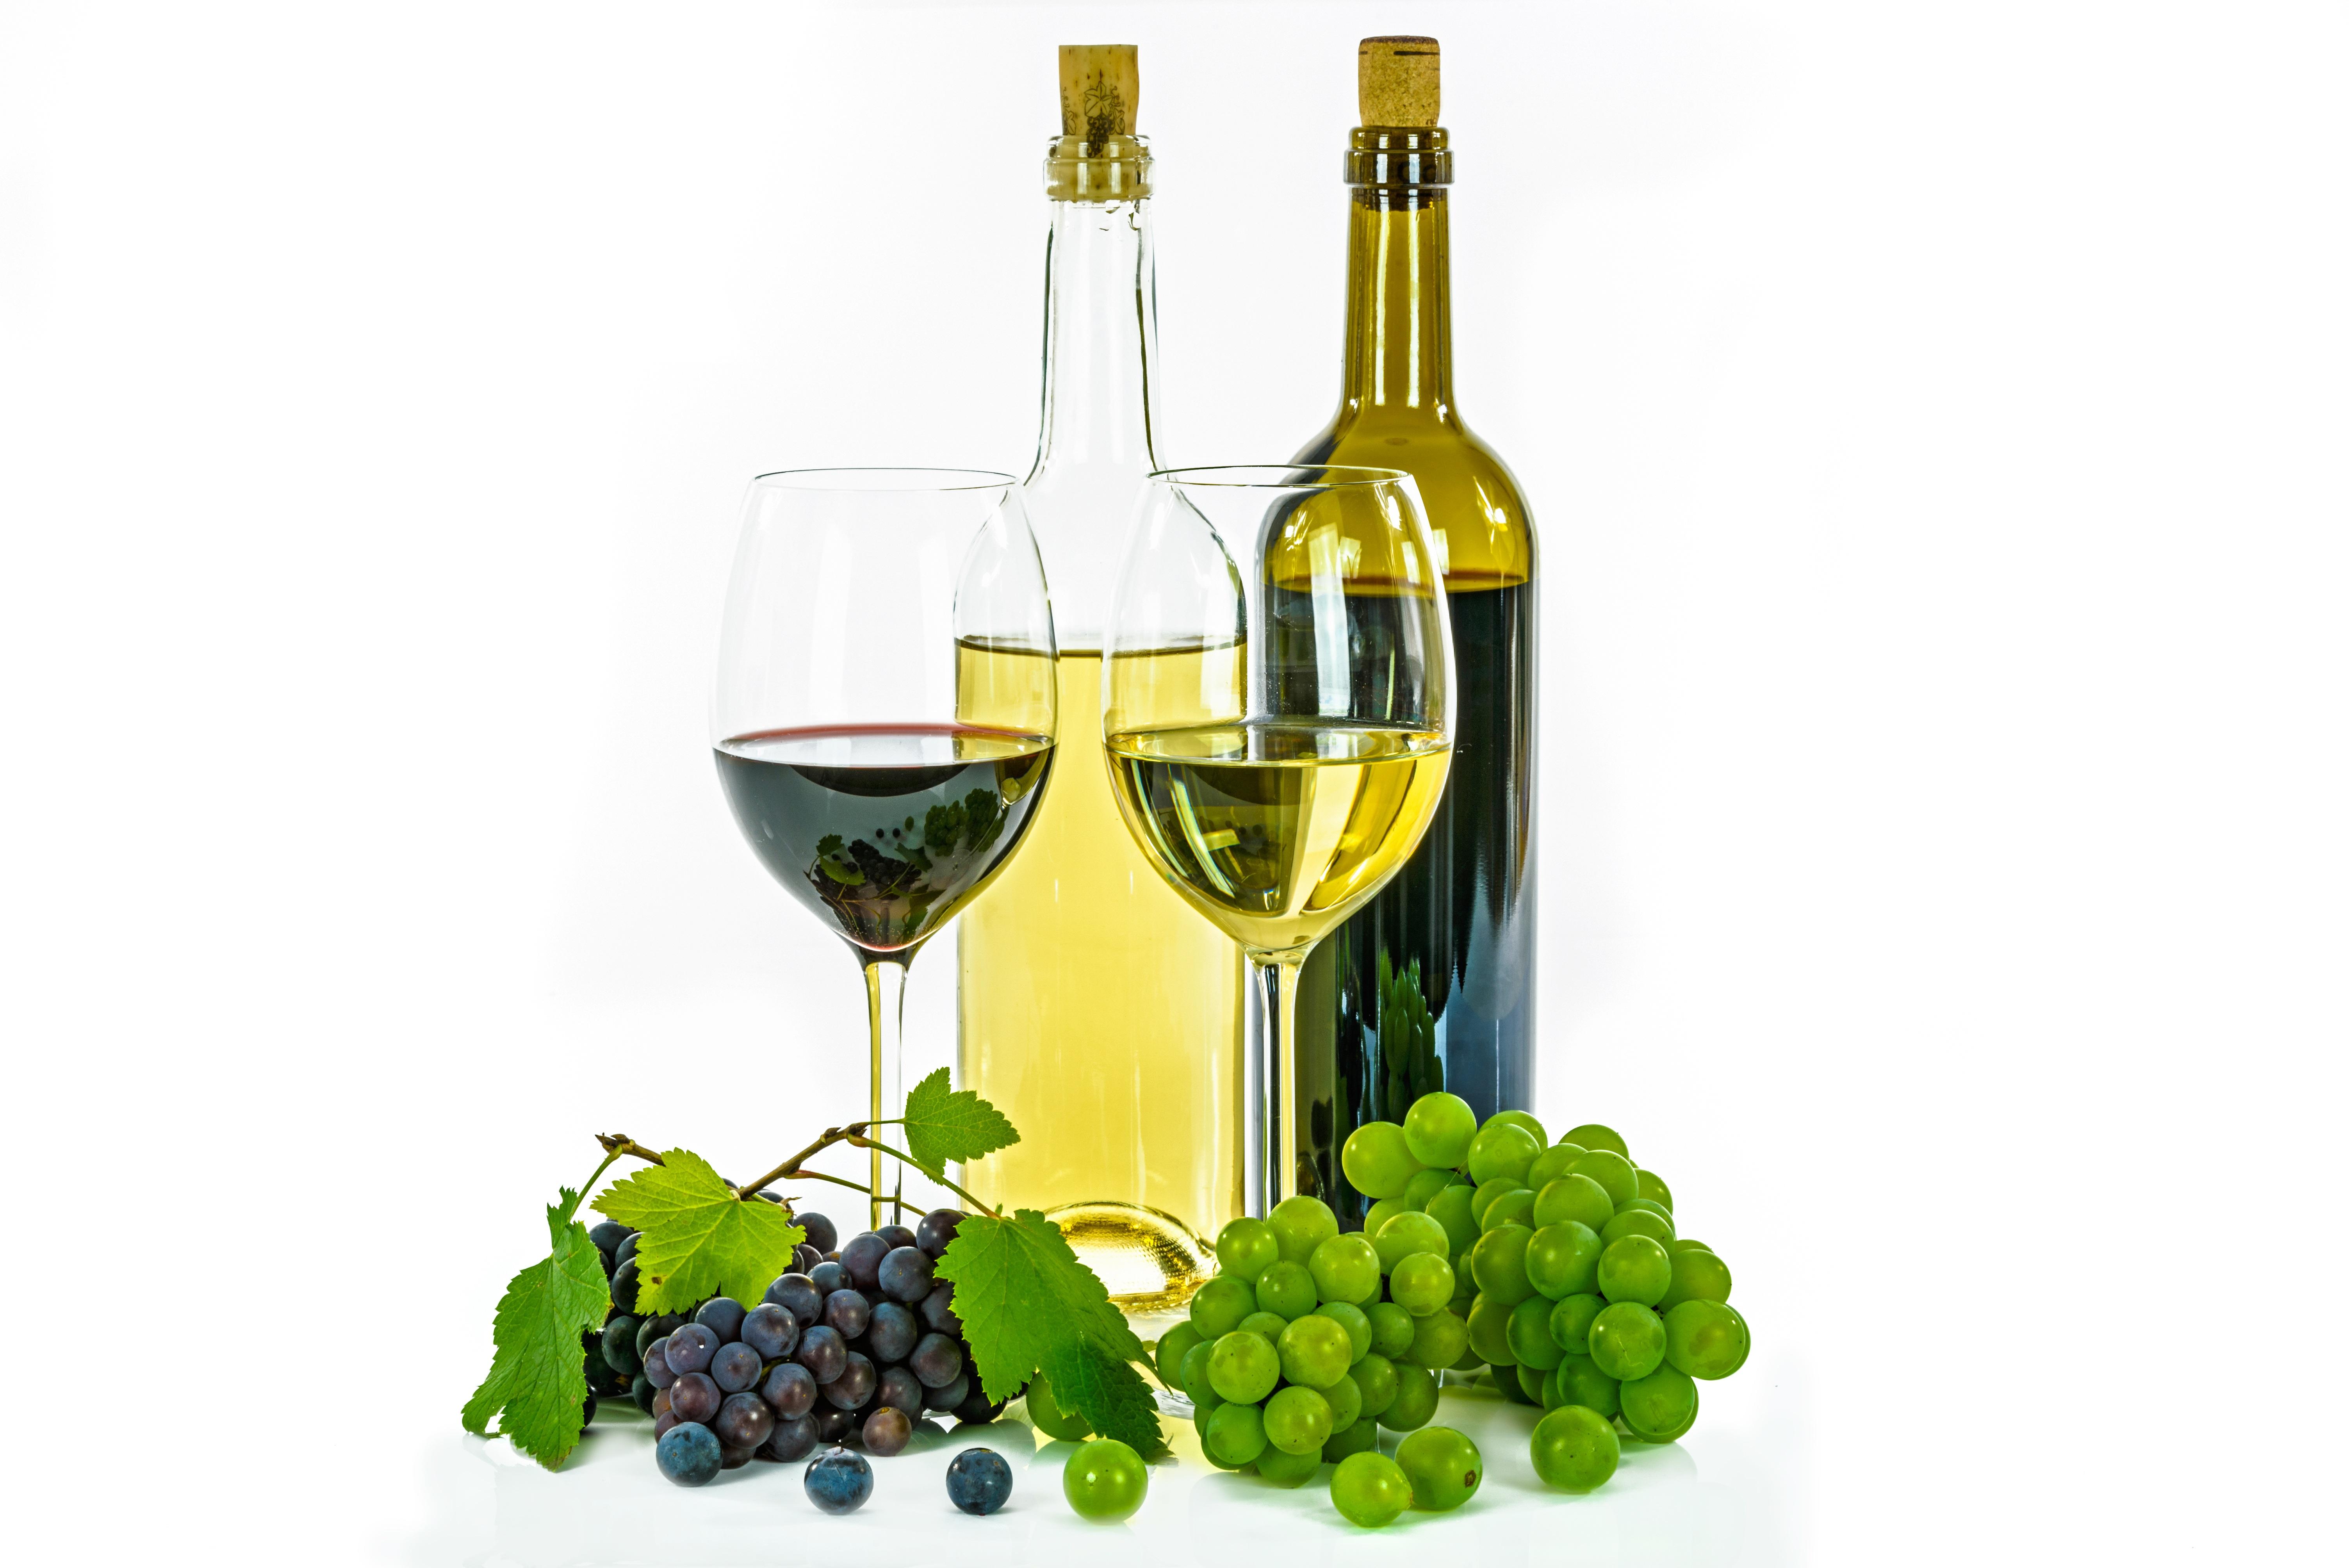 free images liquid grape vineyard fruit leaf france europe food green produce. Black Bedroom Furniture Sets. Home Design Ideas